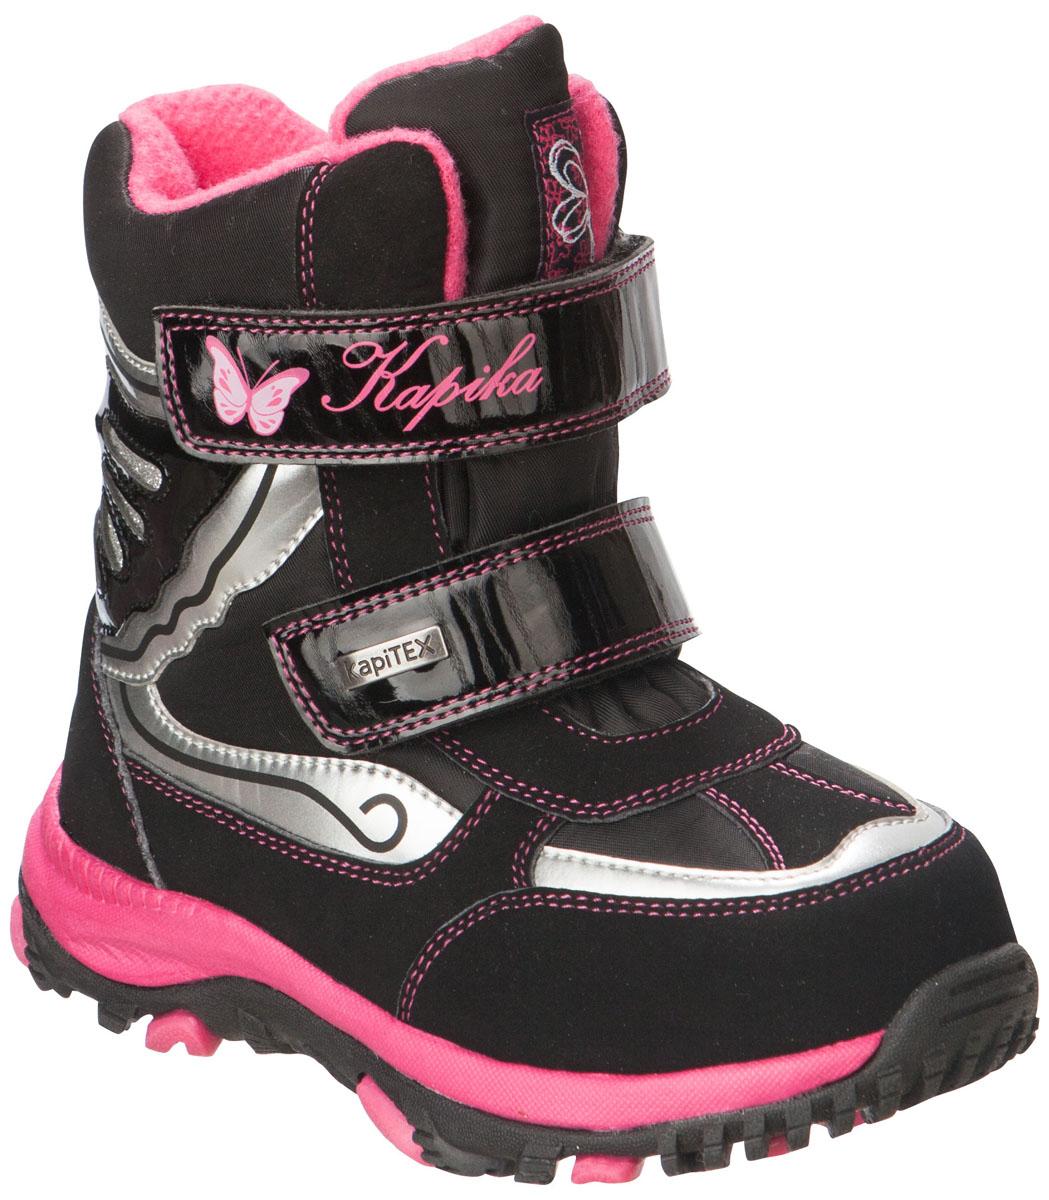 41163-1Легкие, удобные и теплые ботинки от Kapika выполнены из мембранных материалов и искусственной кожи. Два ремешка на застежках-липучках надежно фиксируют изделие на ноге. Мягкая подкладка и стелька из шерсти обеспечивают тепло, циркуляцию воздуха и сохраняют комфортный микроклимат в обуви. Подошва с протектором гарантирует идеальное сцепление с любыми поверхностями. Идеальная зимняя обувь для активных детей. Модель большемерит на 1 размер.